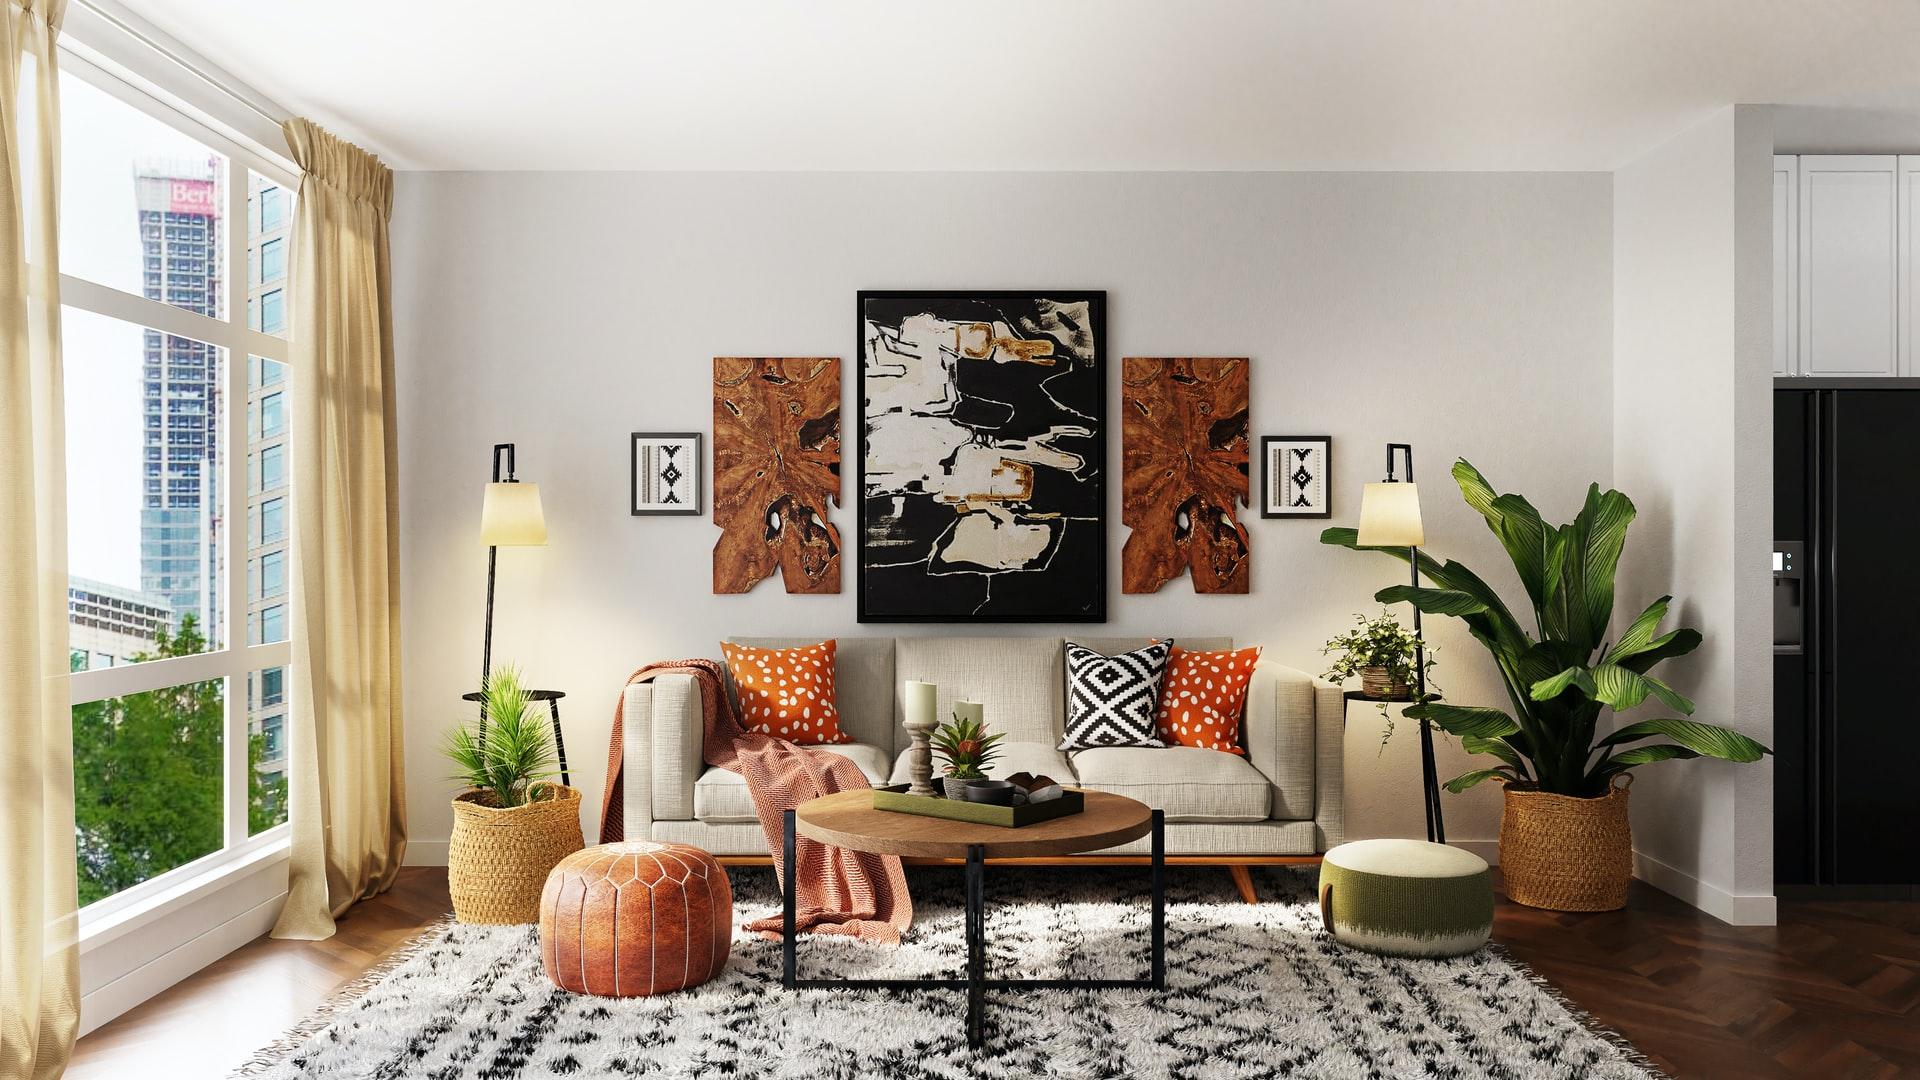 Descubra o curso online e gratuito de decoração de interiores da Domestika